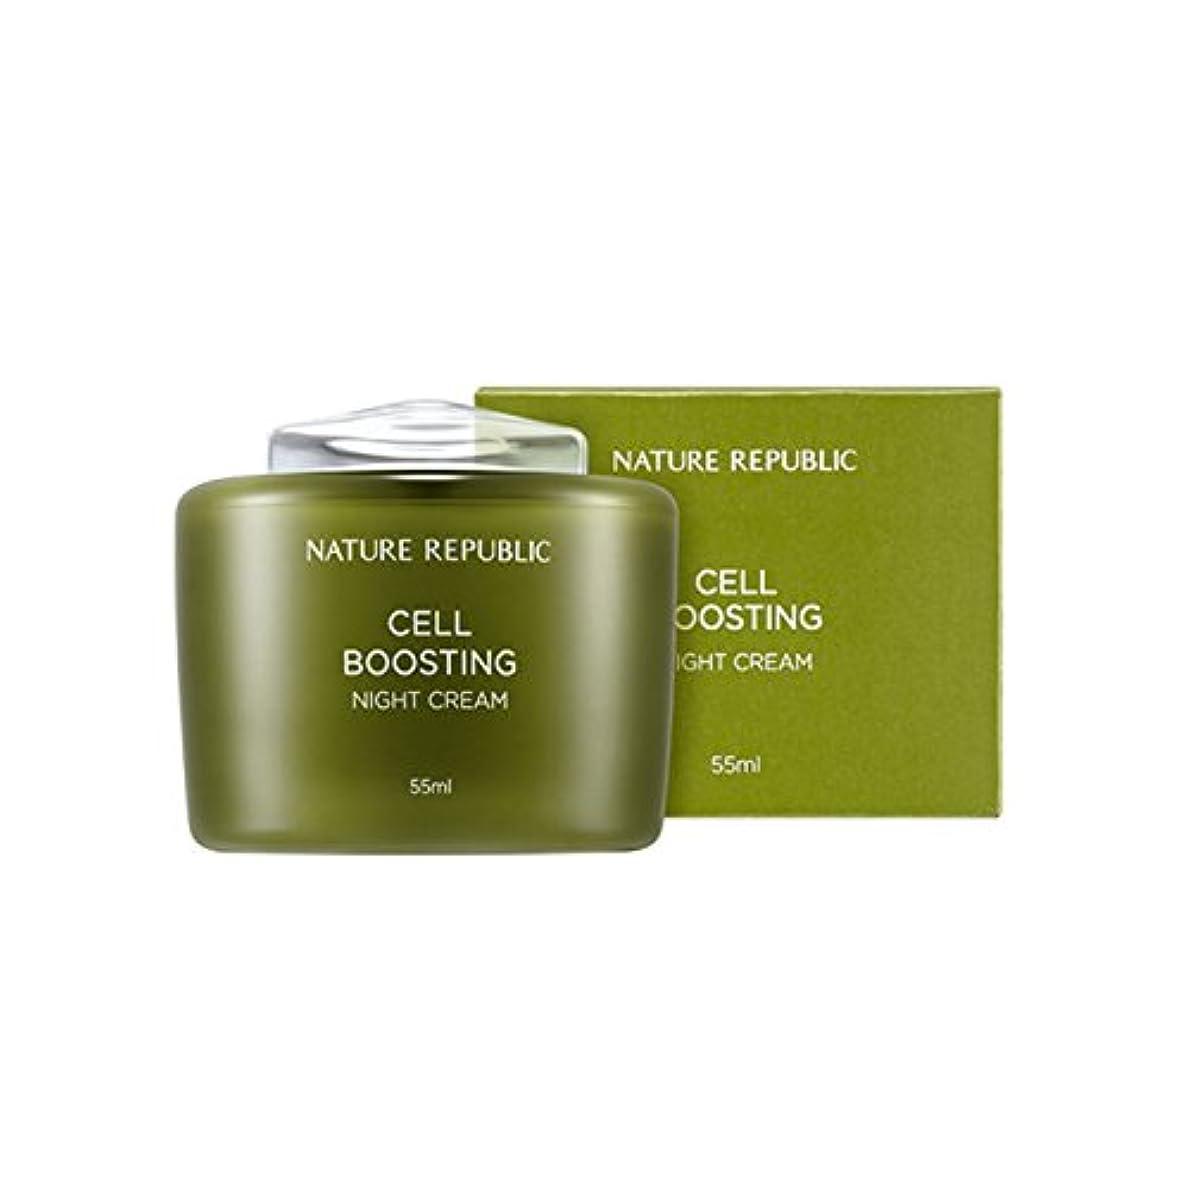 [ネイチャーリパブリック]NATURE REPUBLIC/セルブースティングナイトクリーム /海外直送品/(Cell boosting night cream) [並行輸入品]